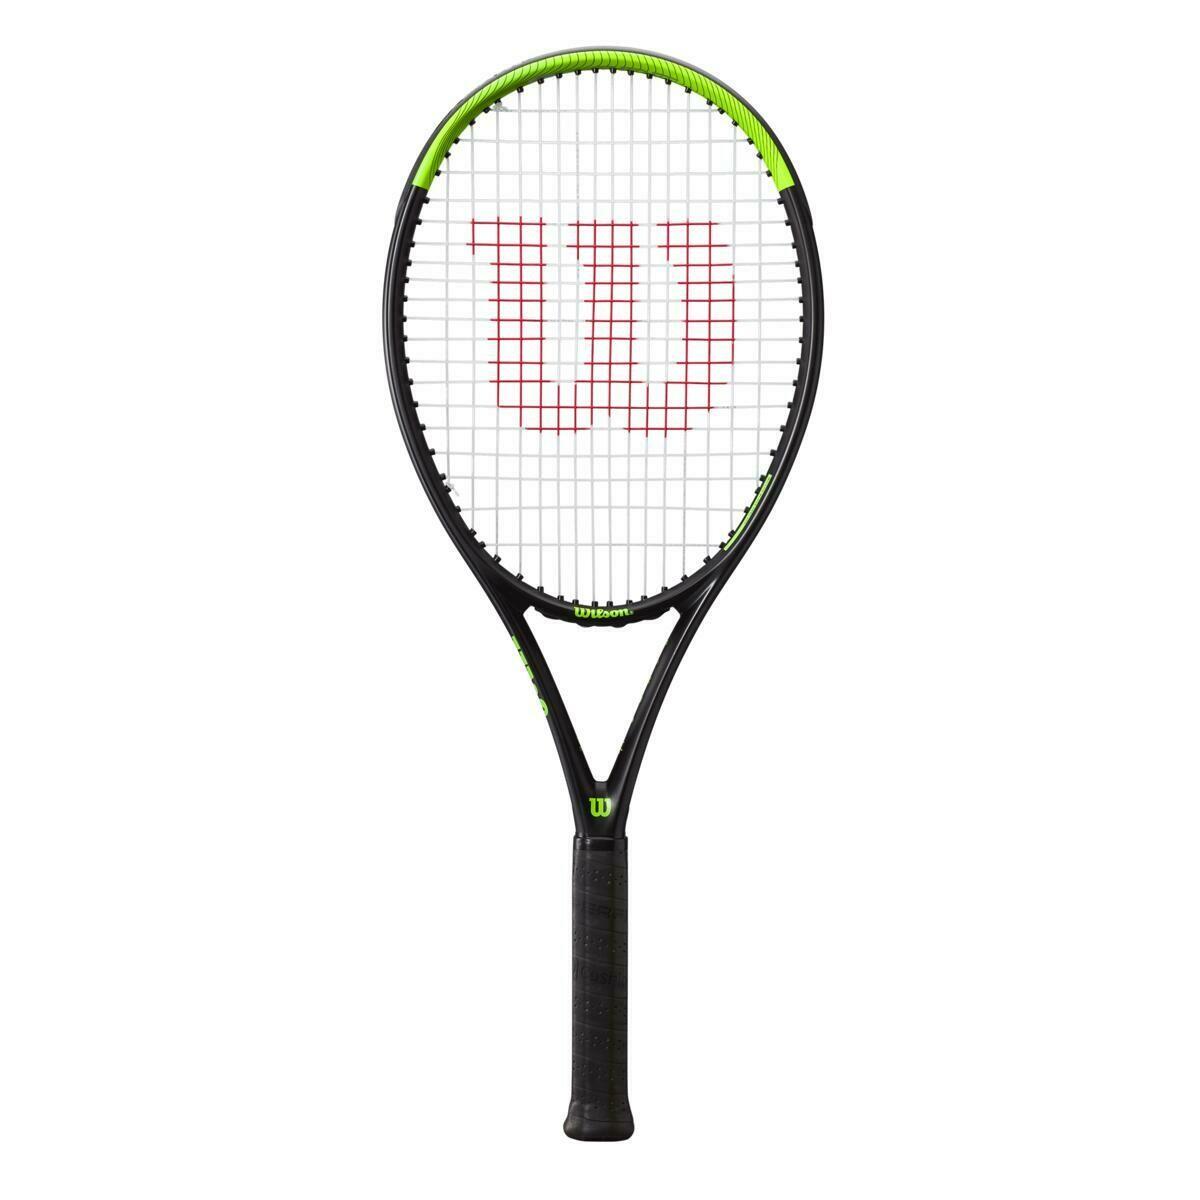 Wilson Blade Feel 105 Tennis Racket - Black